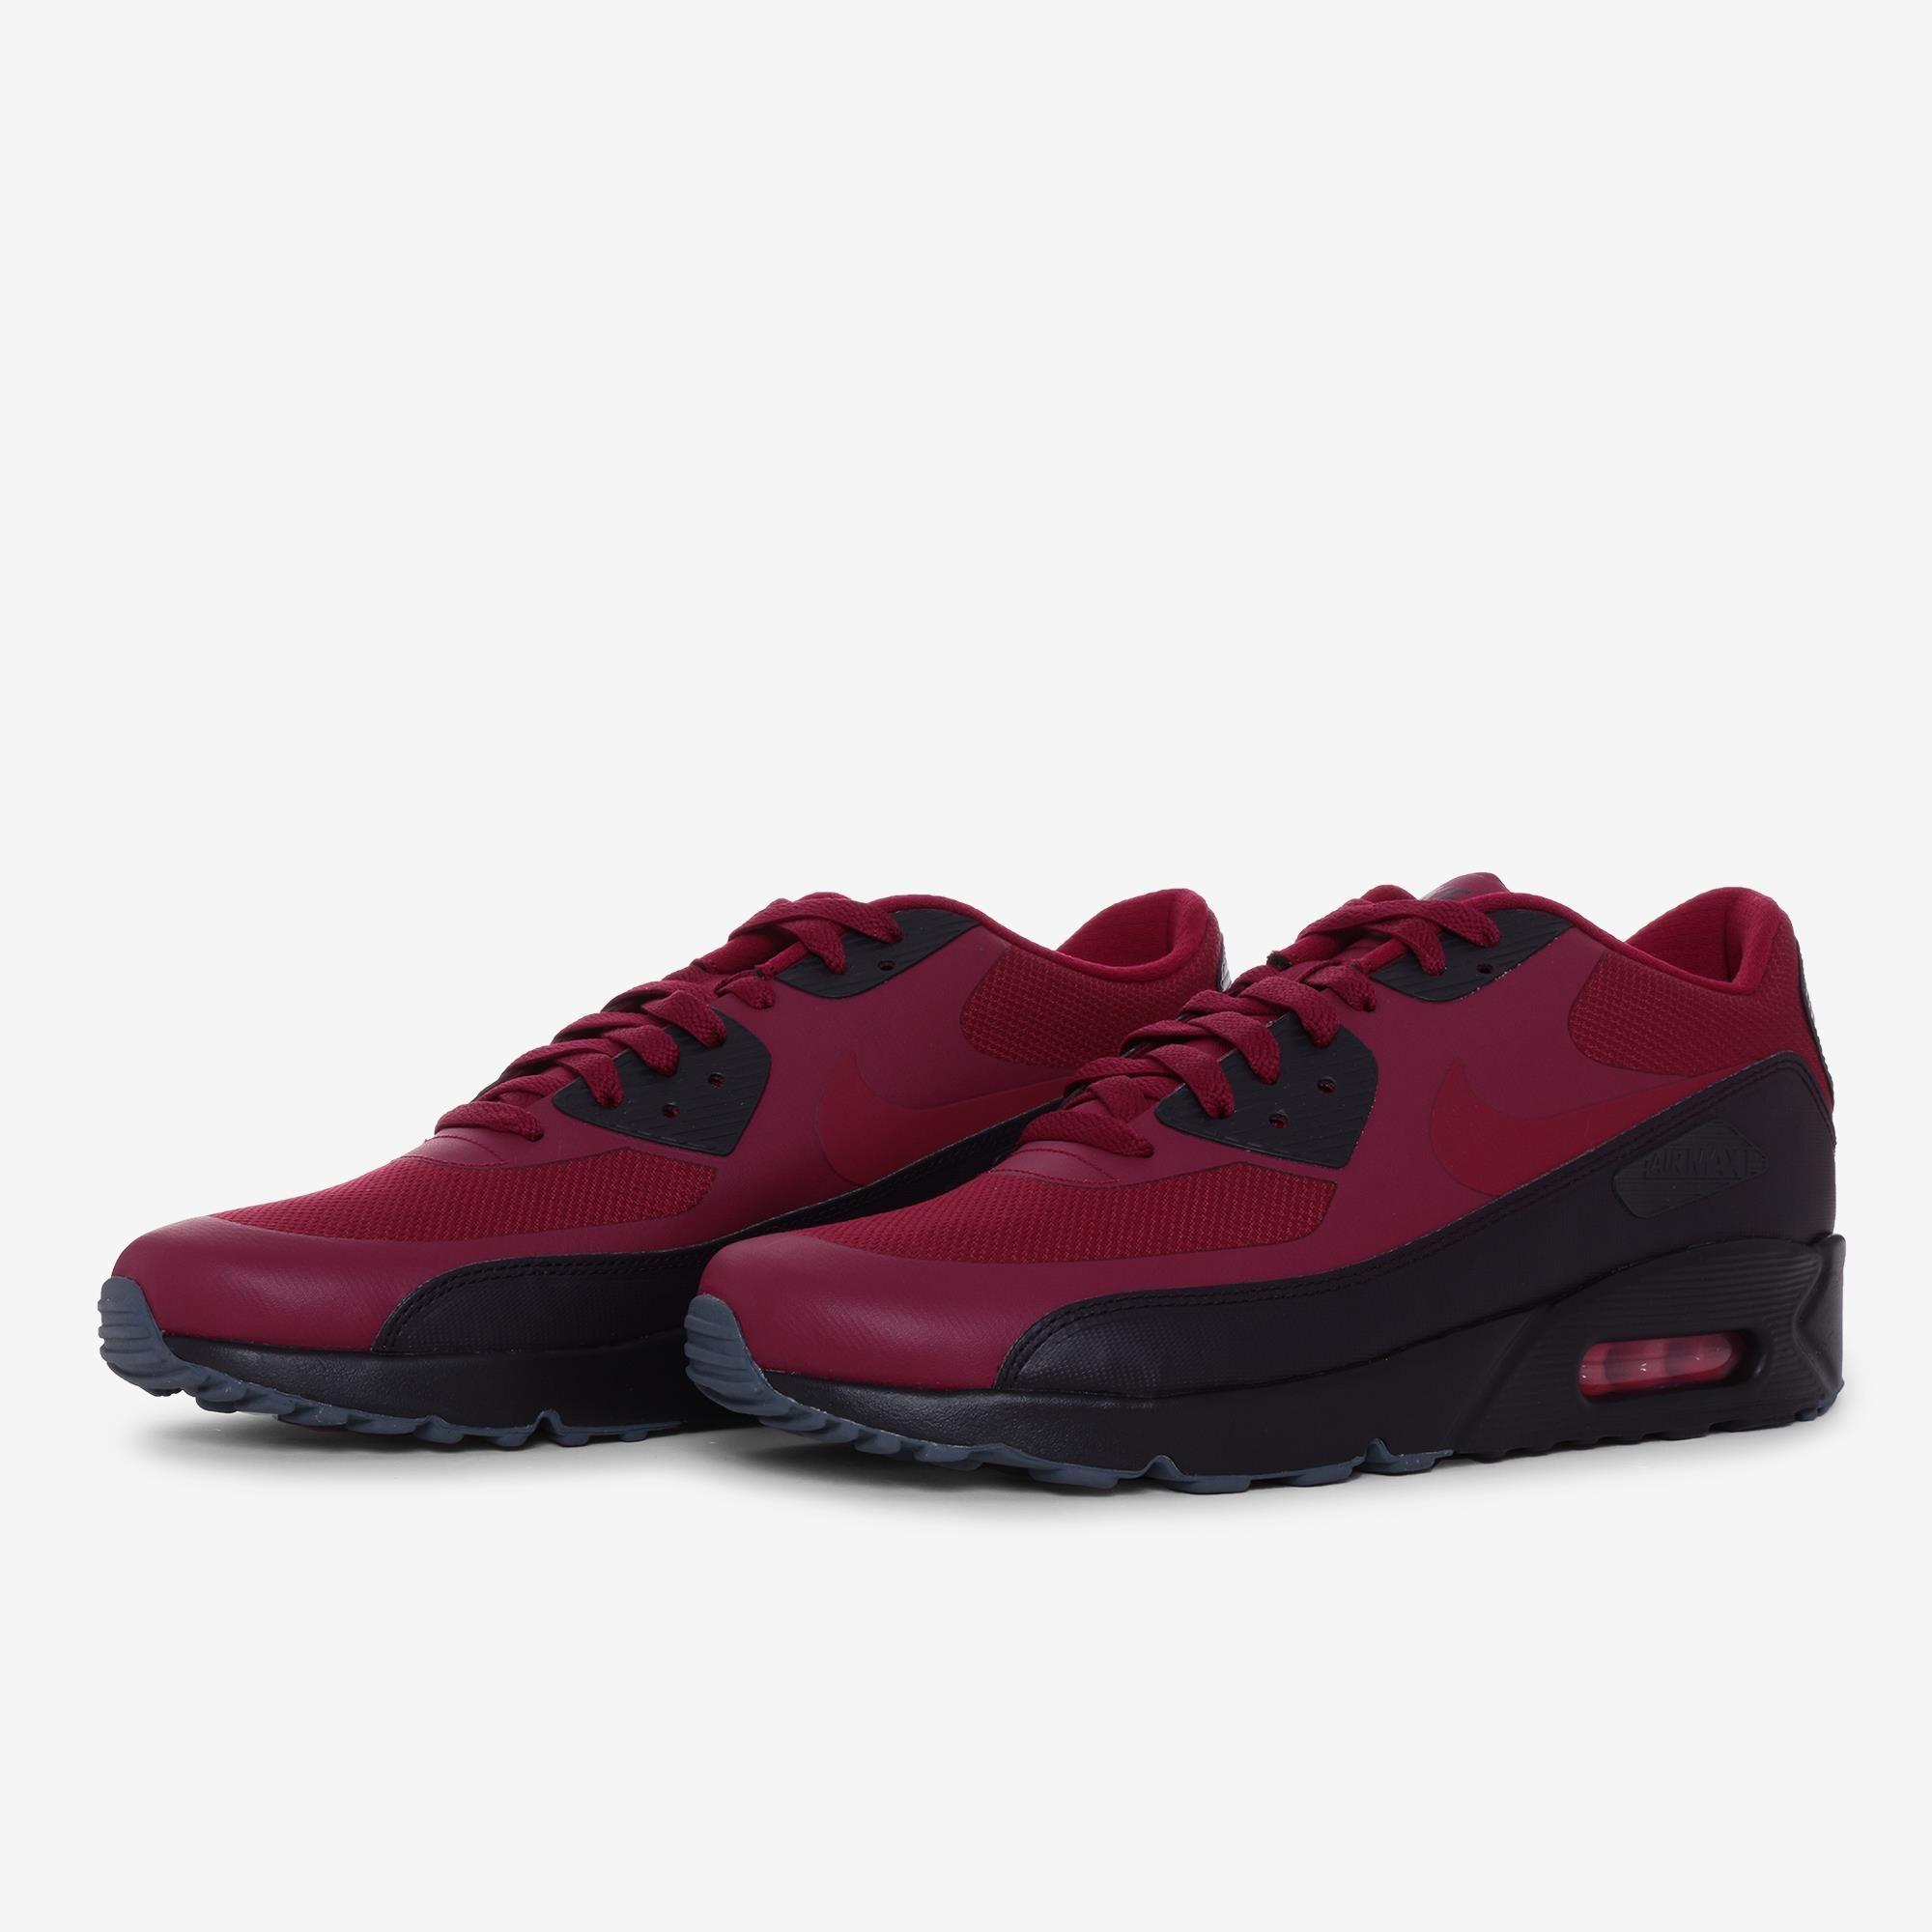 50f68fa73788 Tênis Nike Air Max 90 Ultra 2.0 Essential Masculino